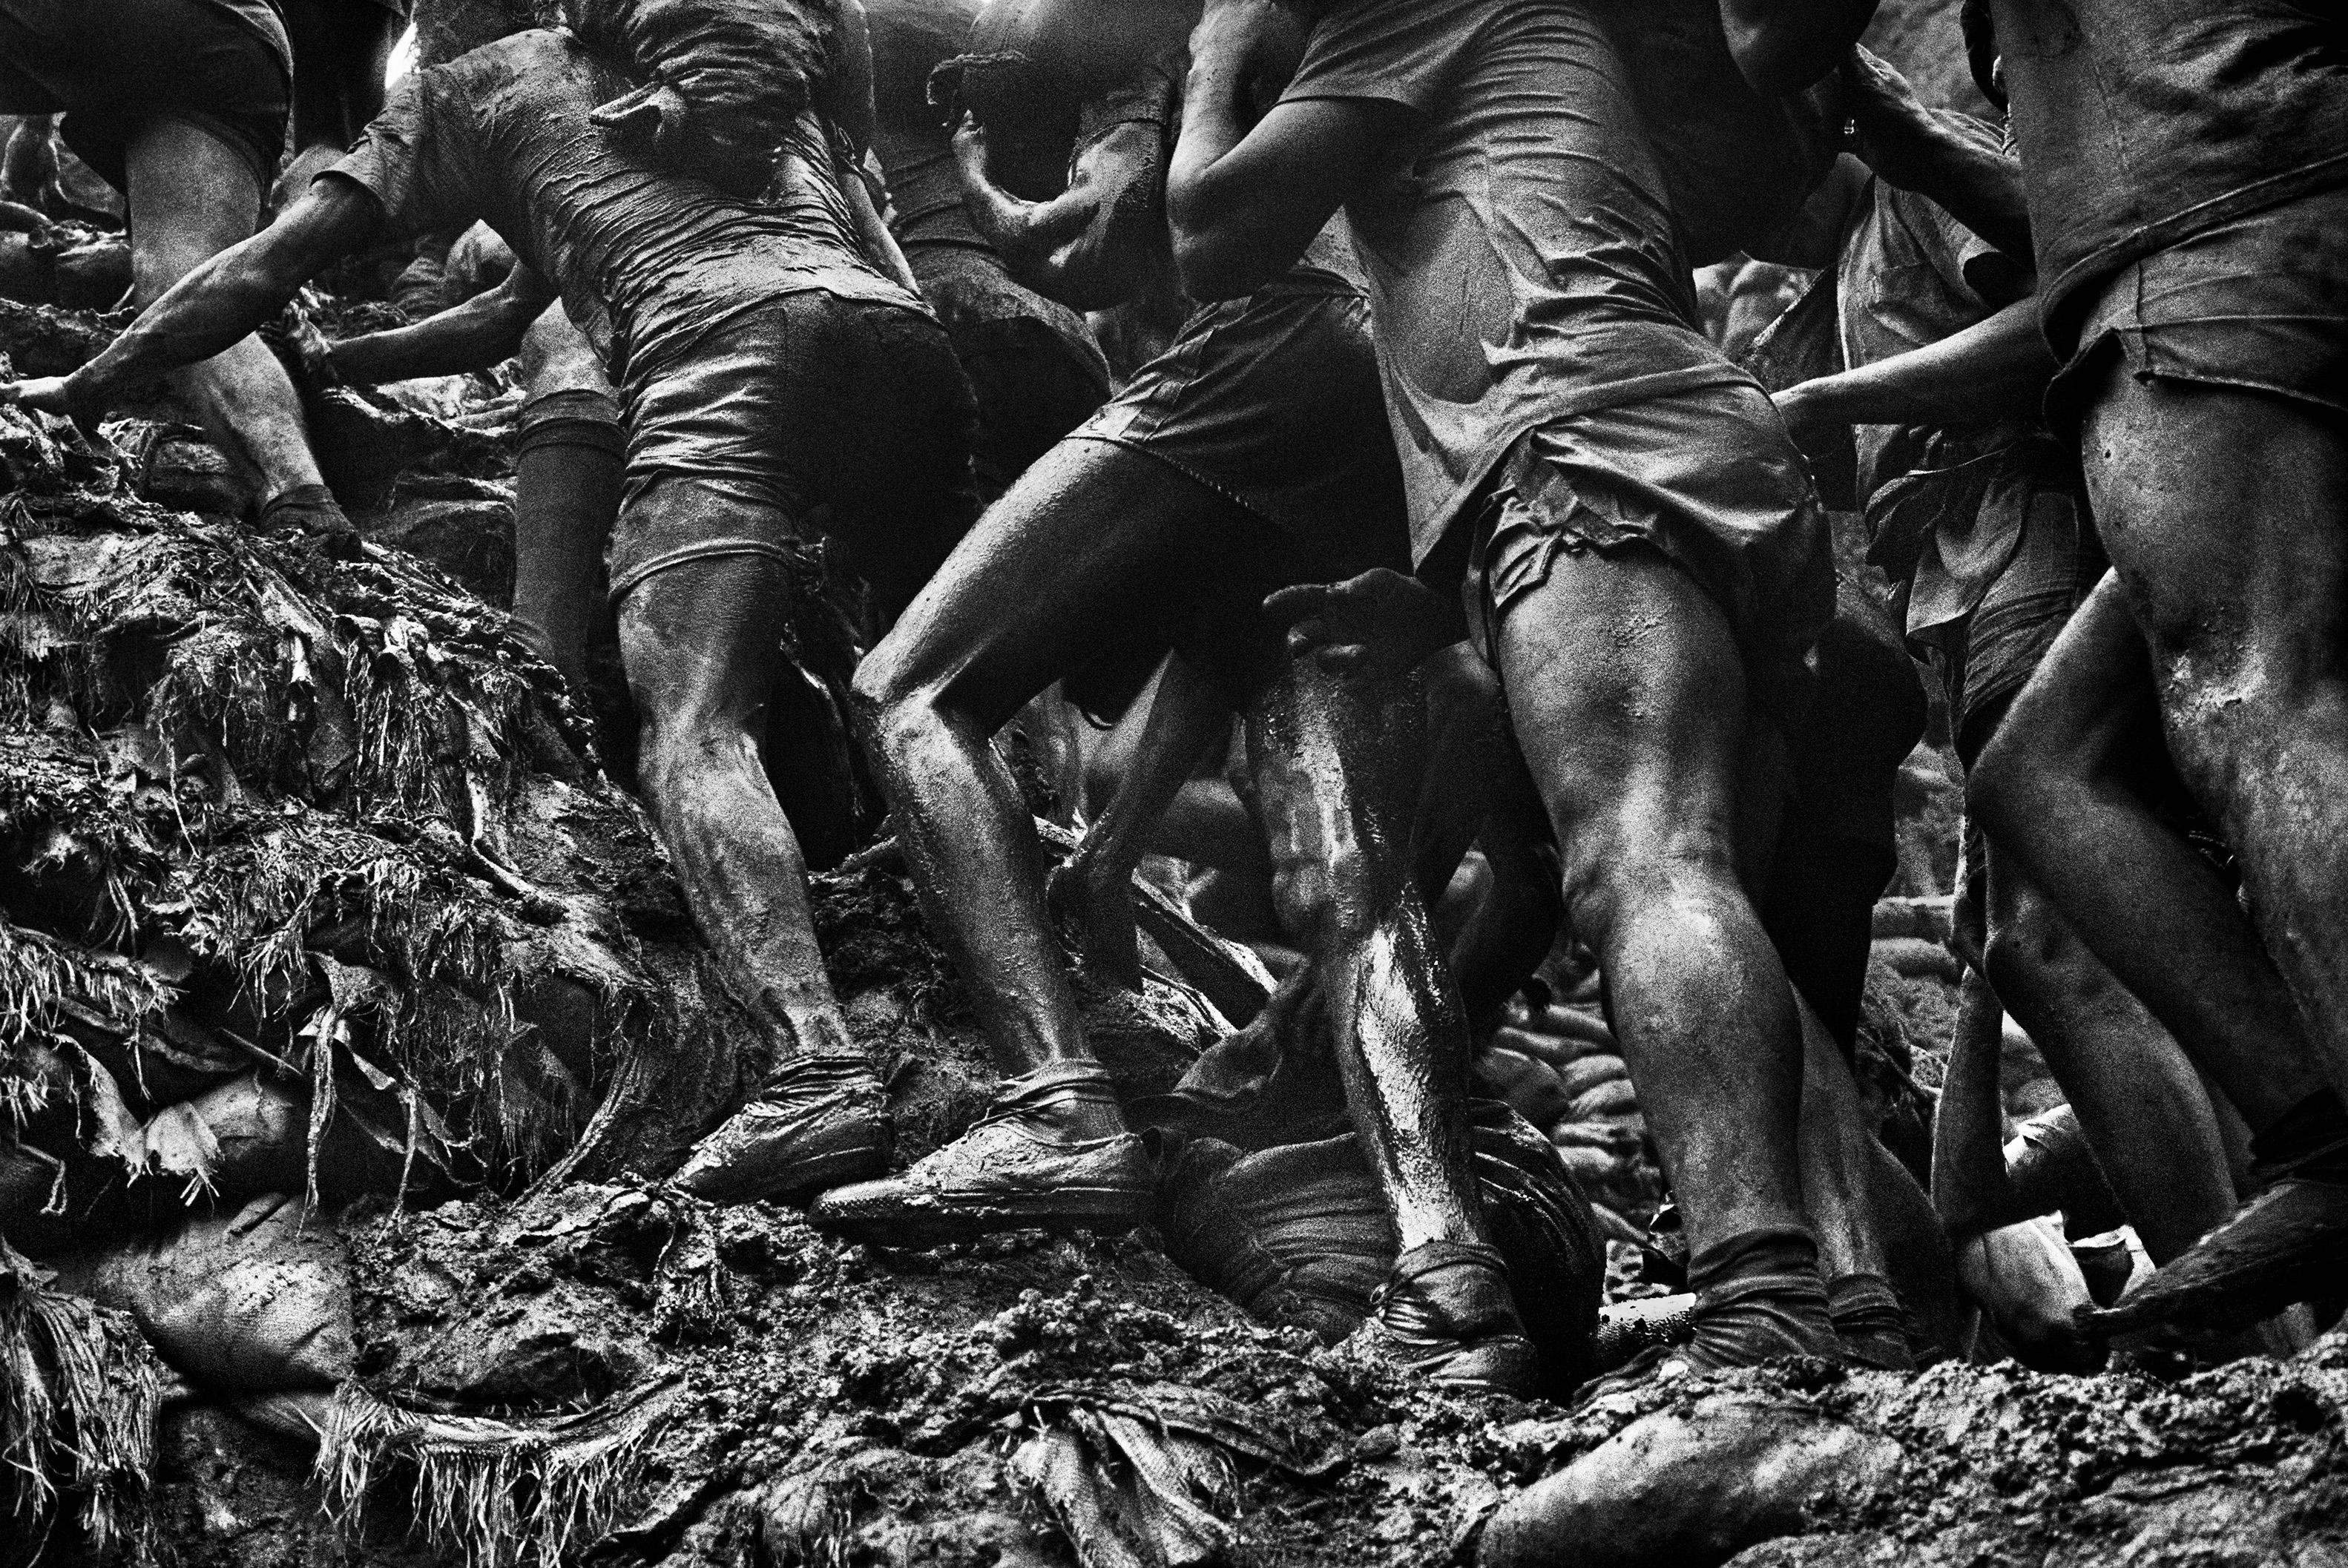 MINAS DE ORO FOTOGRAFIAS PARA LA PROMOCIÓN DE LA EXPOSICIÓN EN CEART DE FUENLABRADA. NO SE PUEDEN UTILIZAR EN OTRO CONTEXTO.